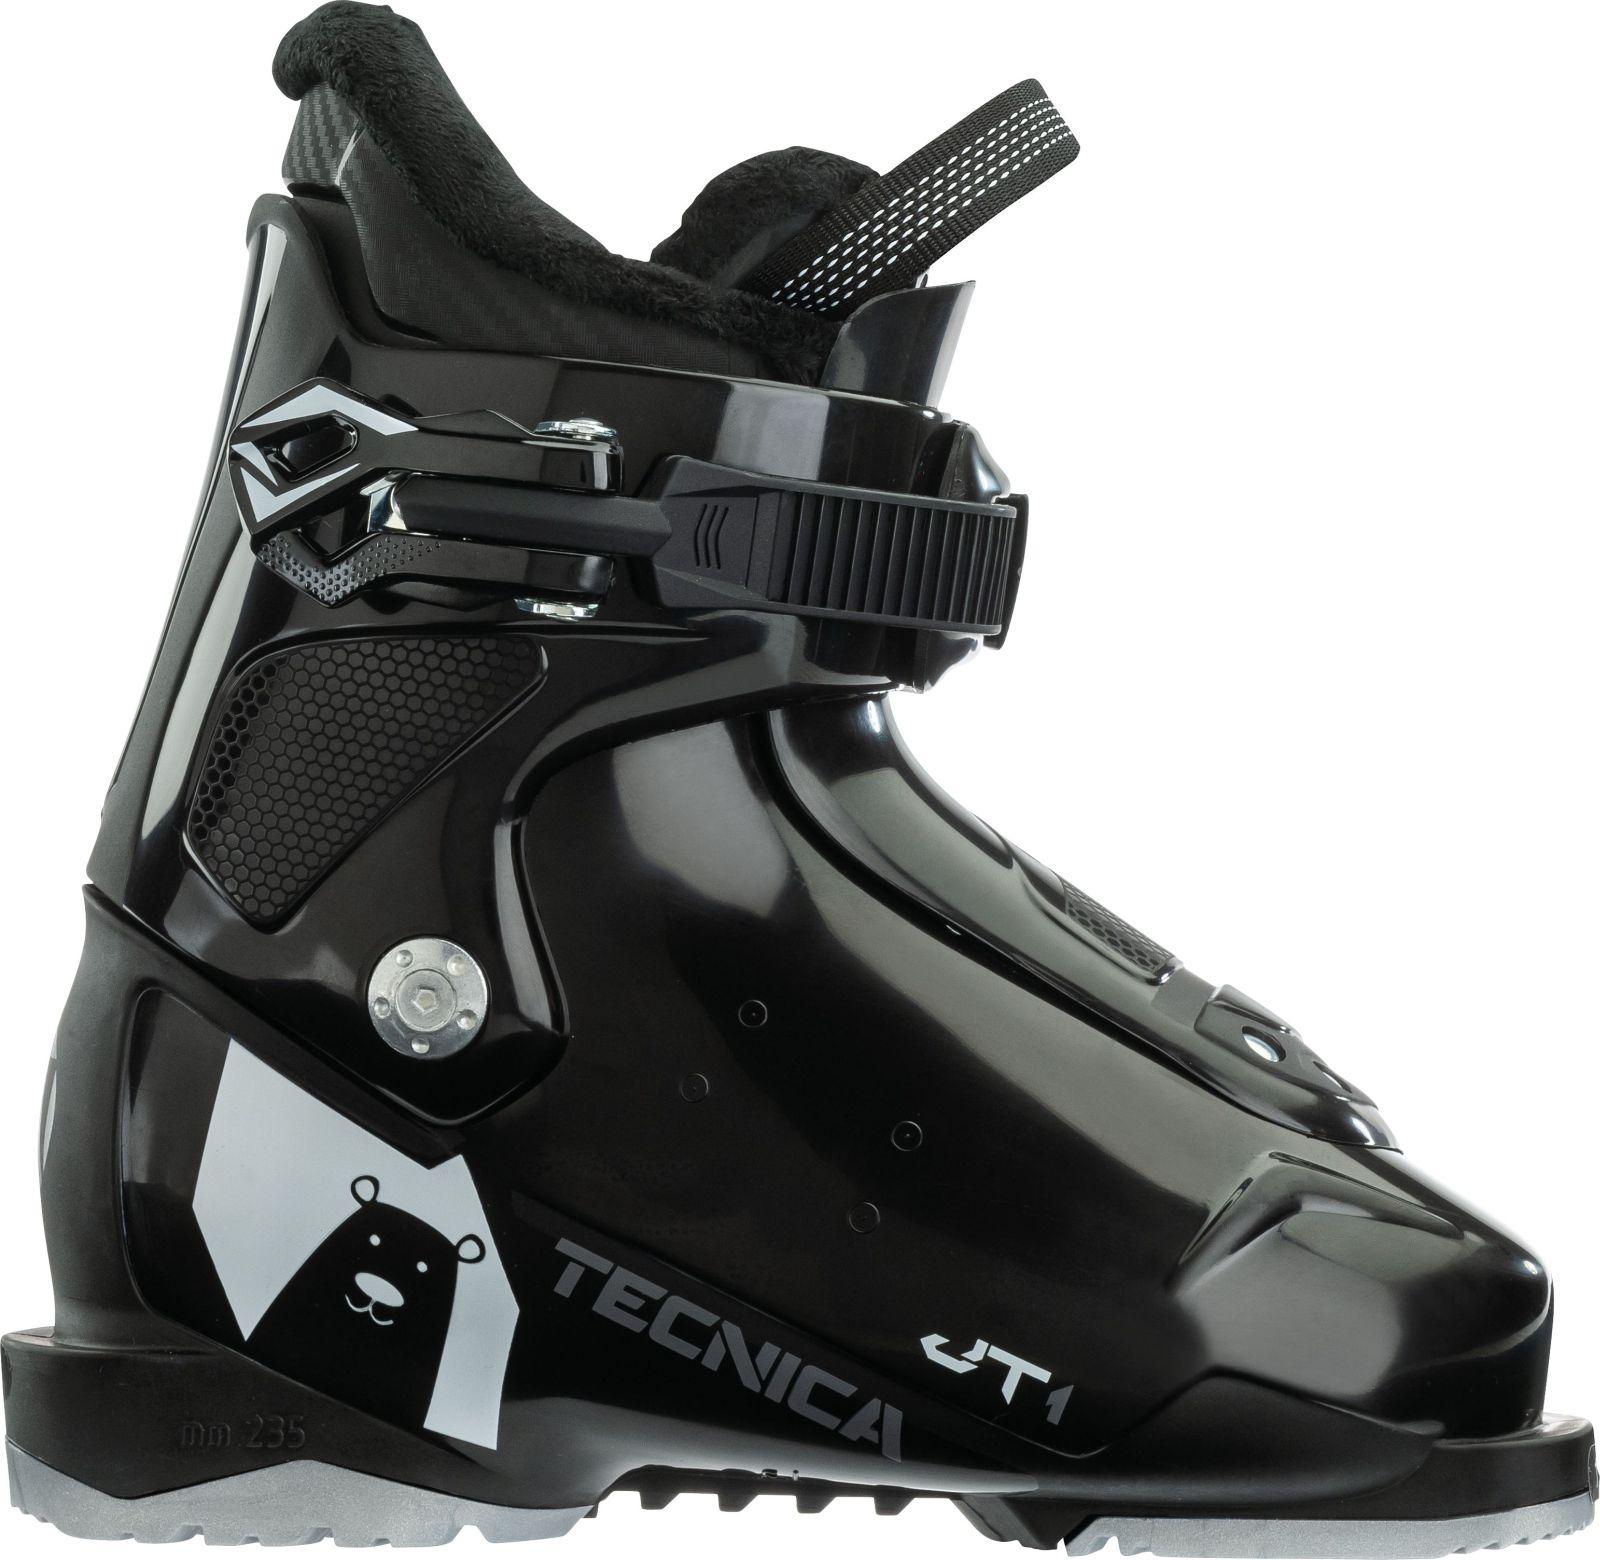 Tecnica JT 1 - black 195